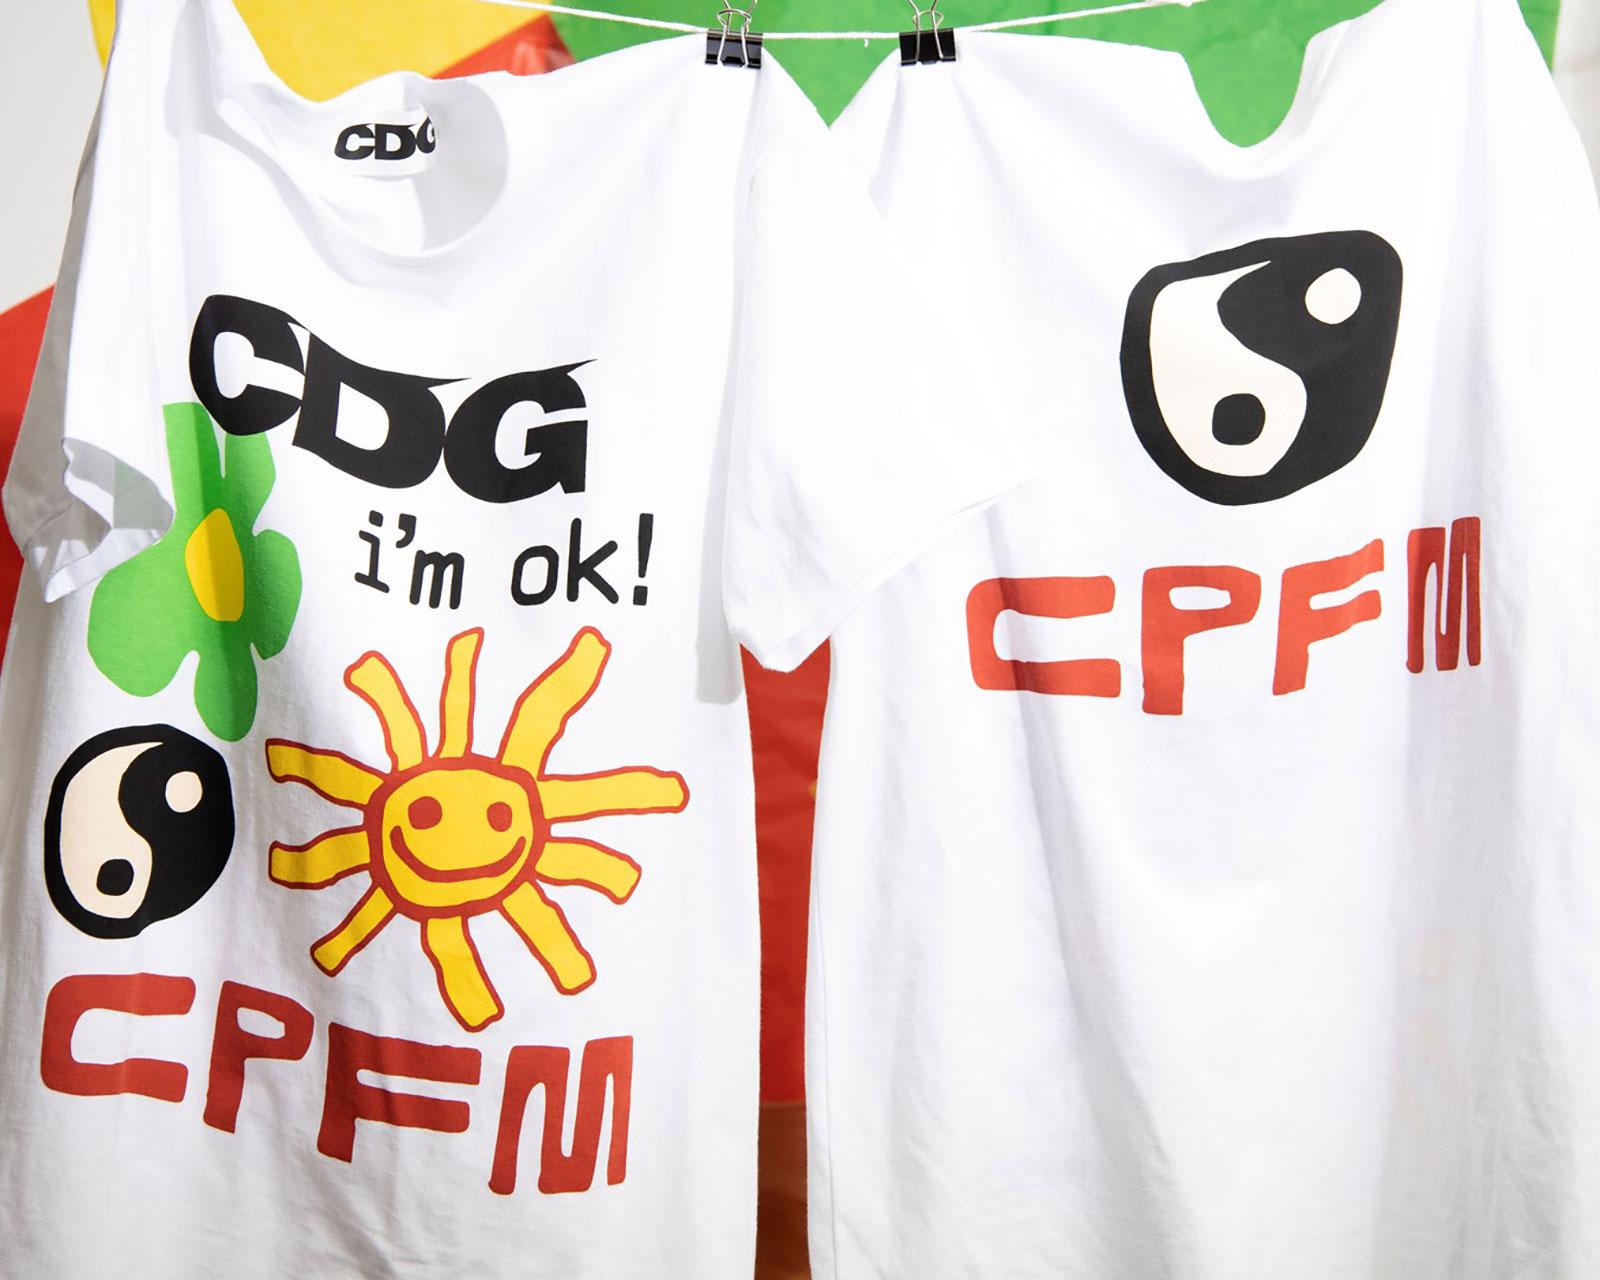 CDG x CPFM